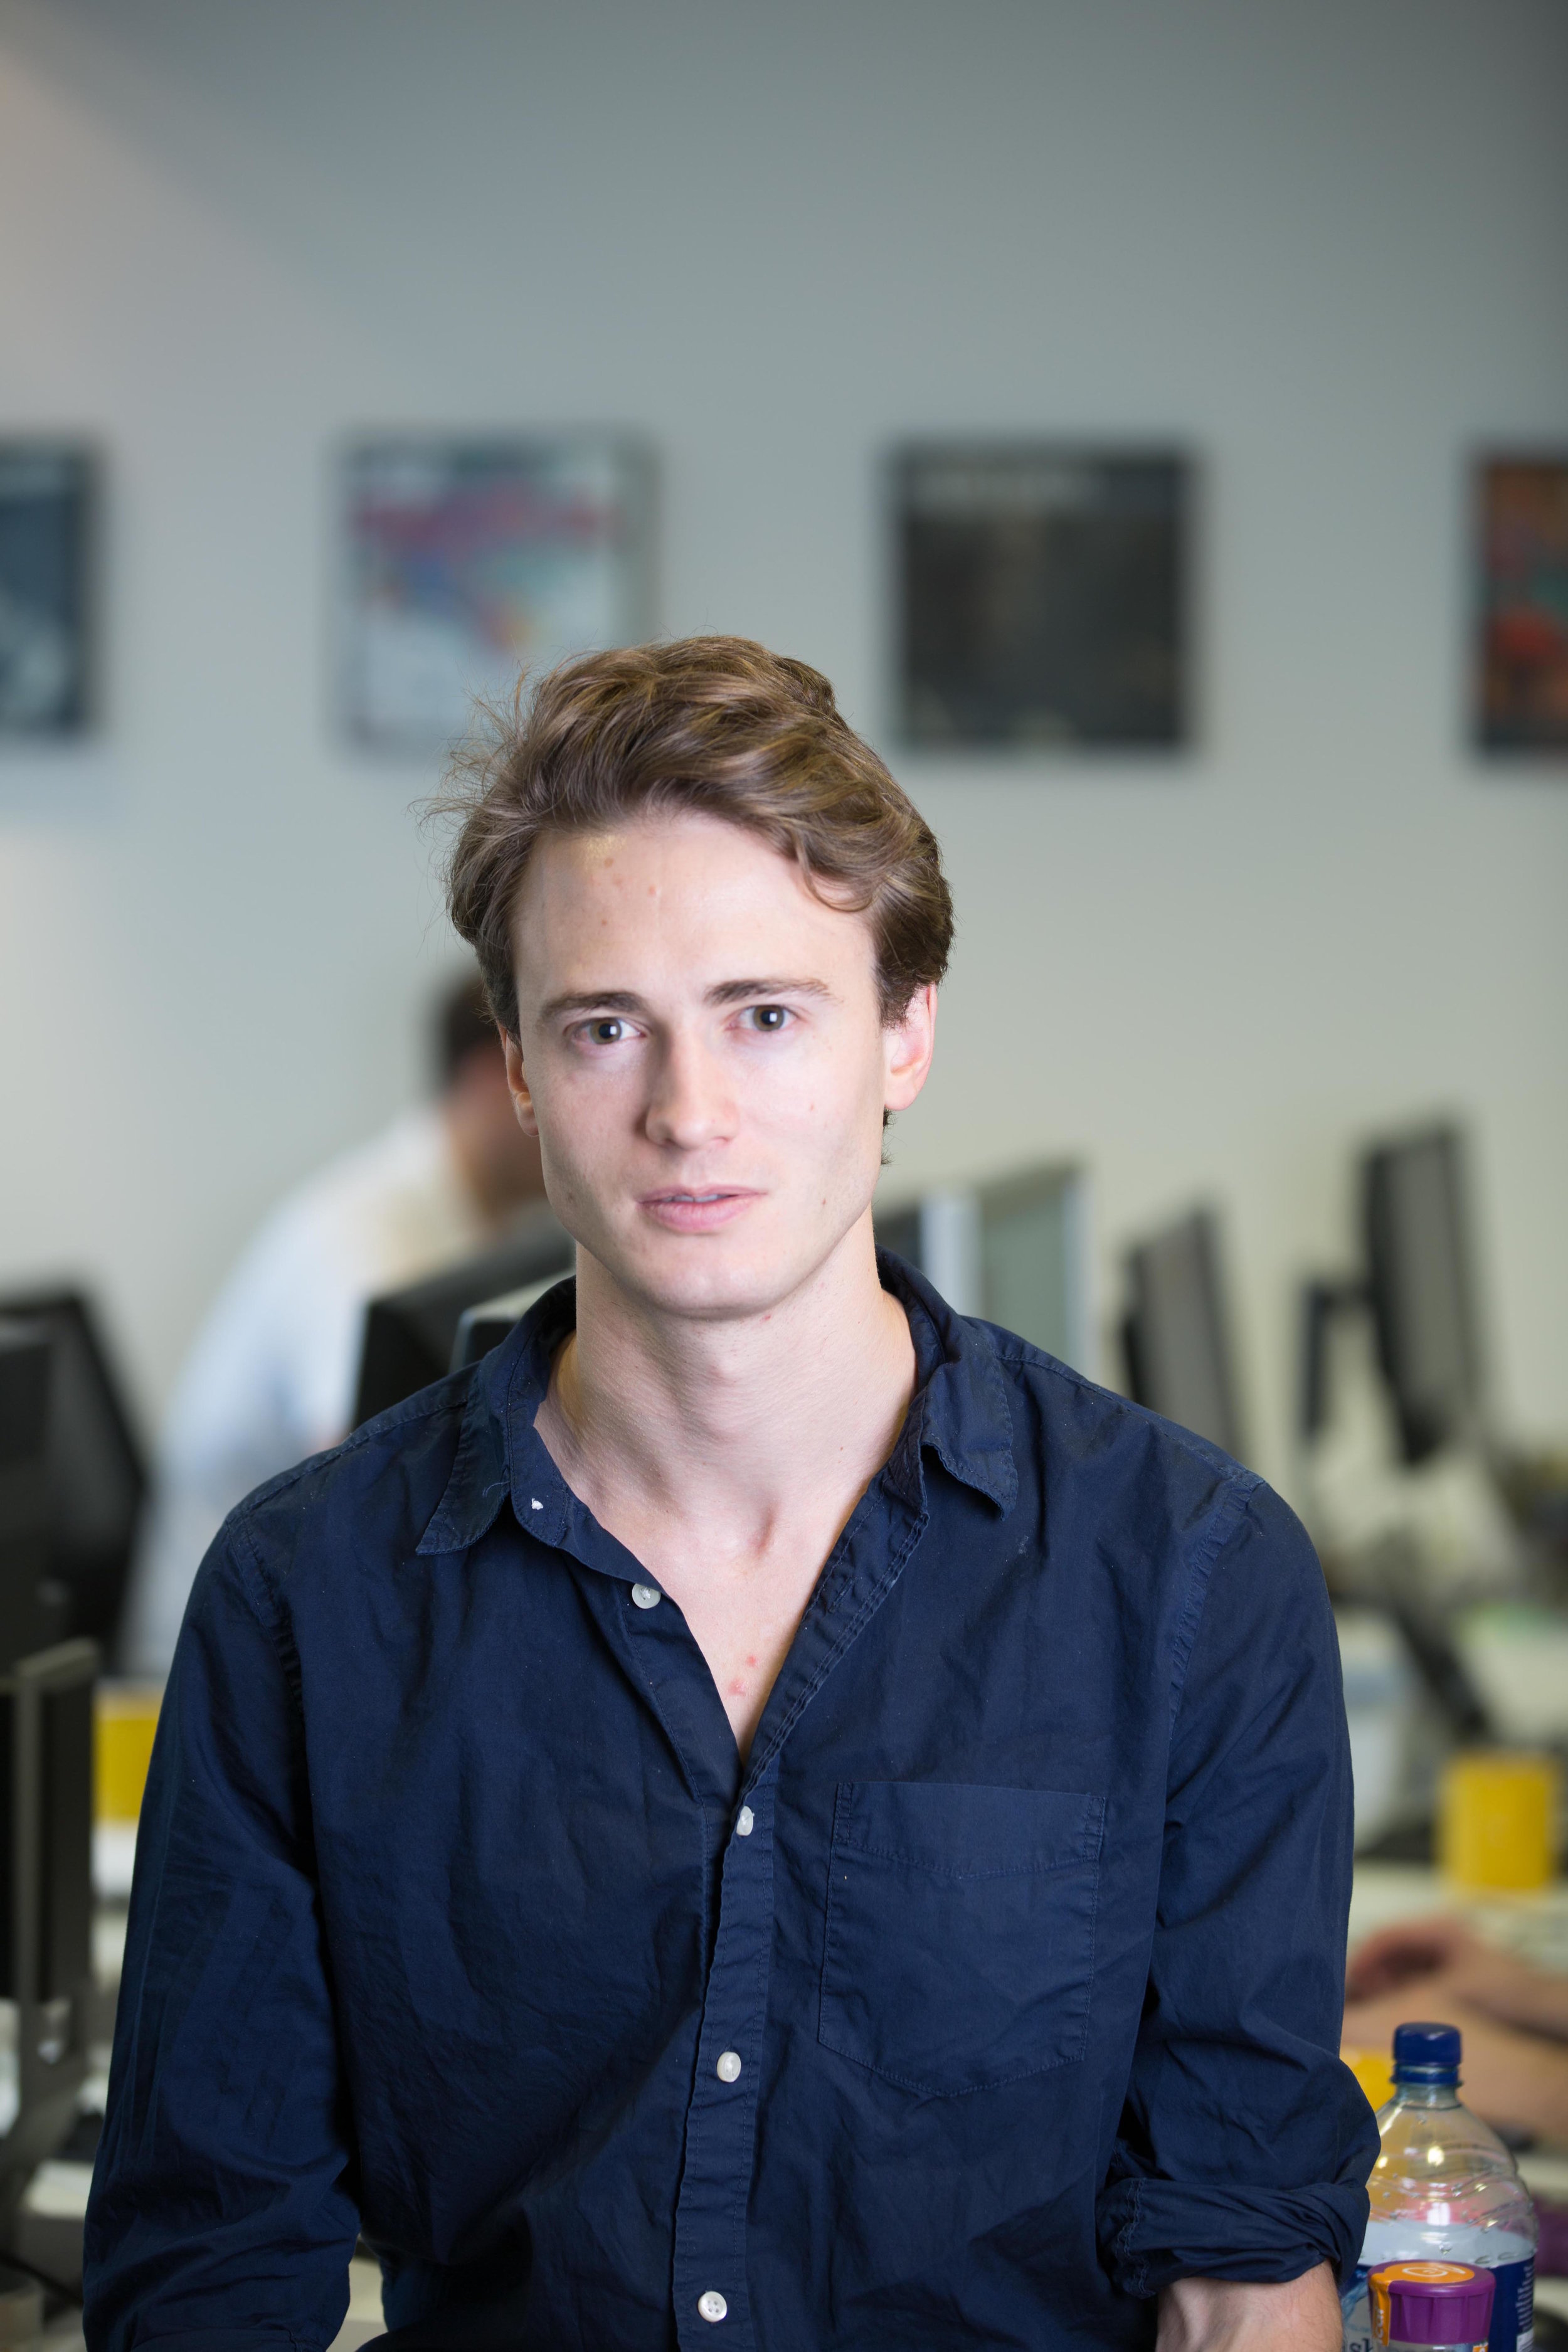 Patrick Stobbs arbetade tidigare på Google. Han grundade Jukedeck tillsammans med Ed 2012. Tre år senare lanserades köptjänsten.